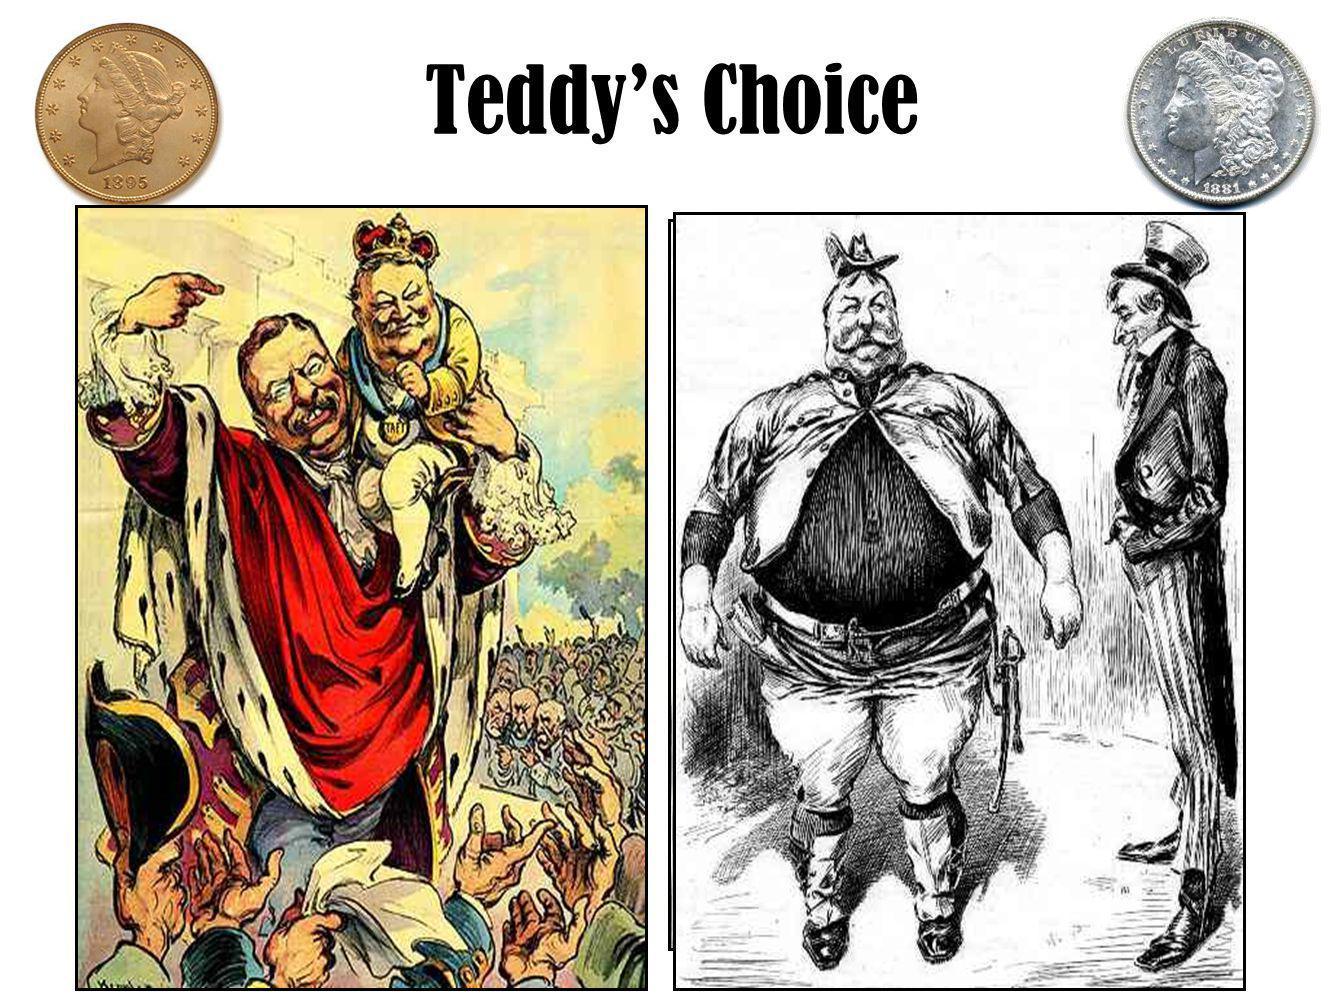 Teddy's Choice